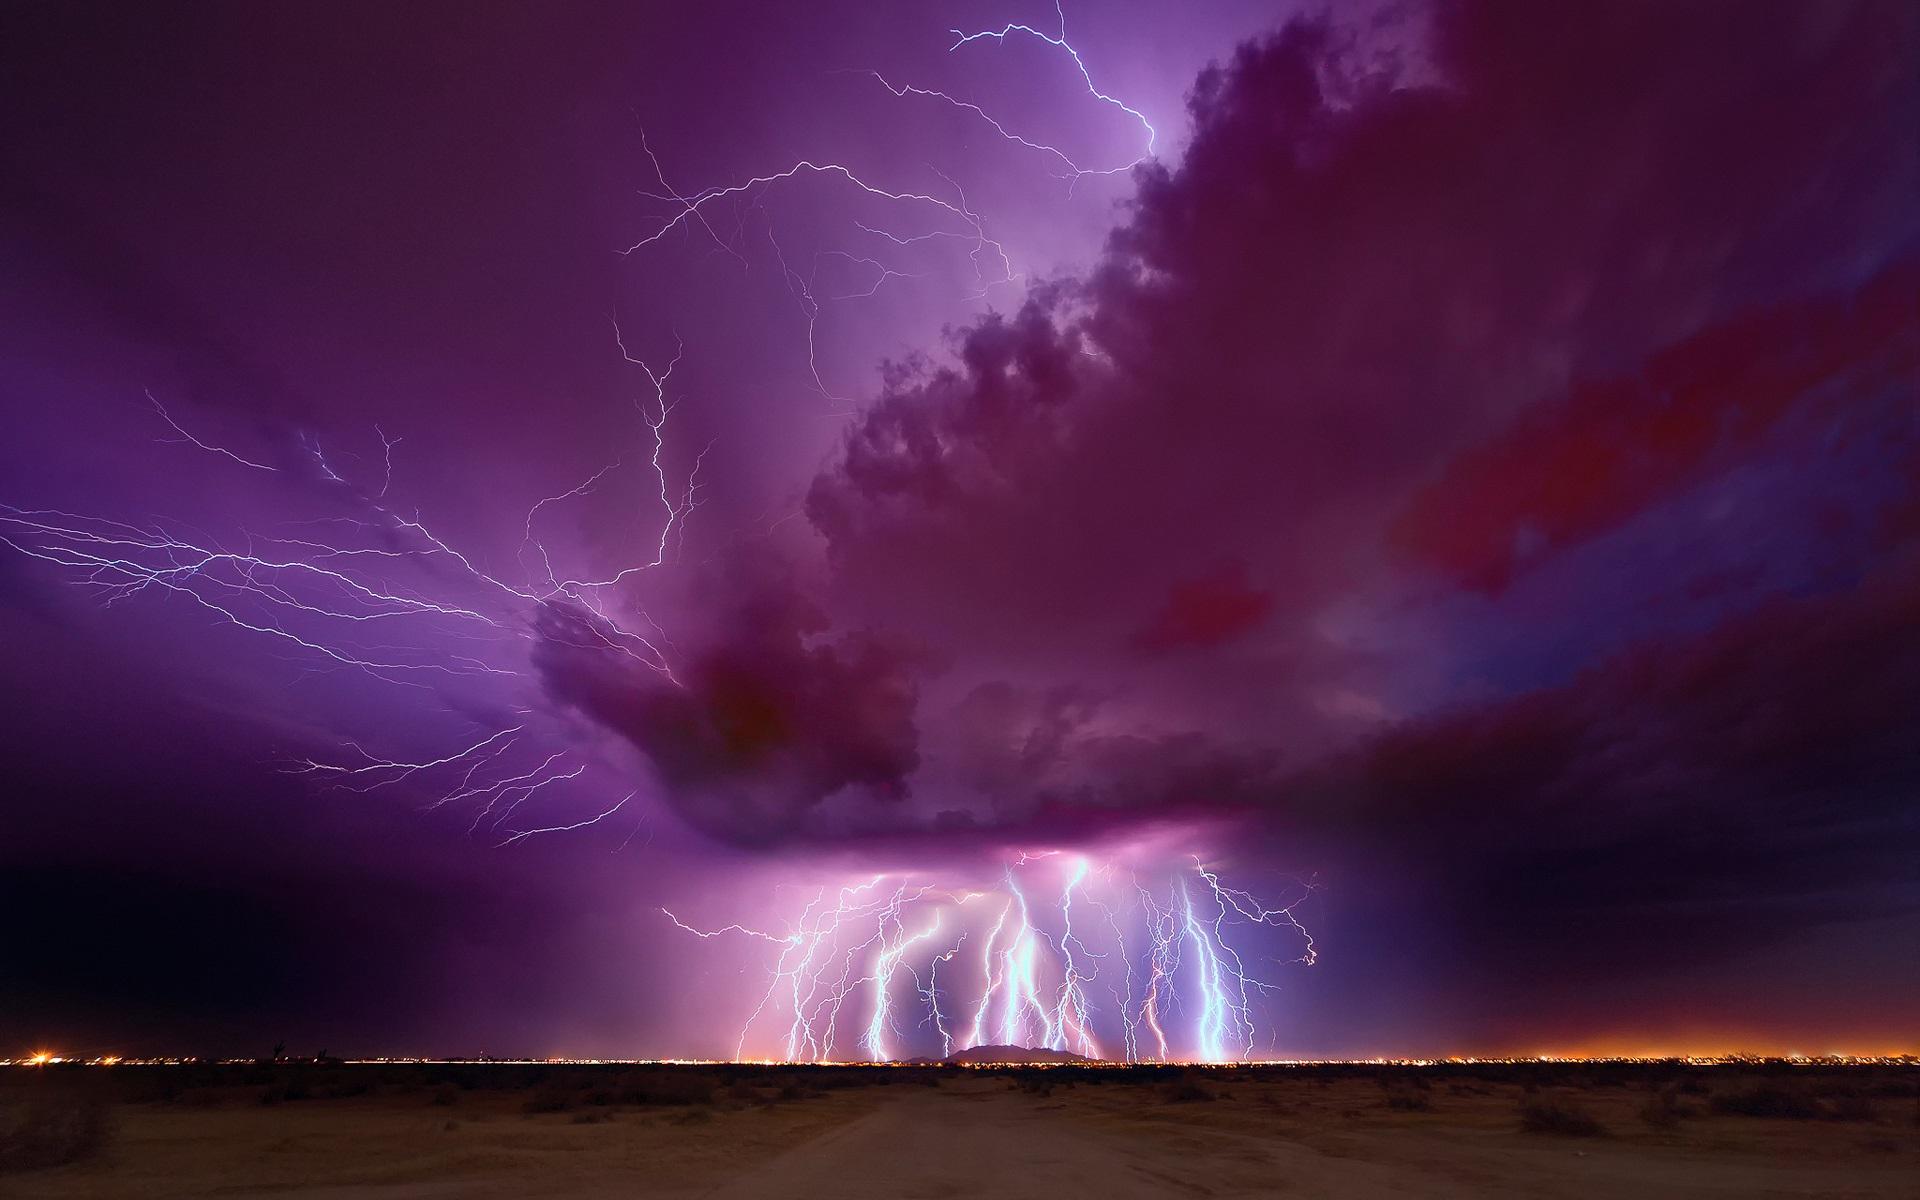 壁紙 夜 夕方 雷 稲妻 紫の空 雲 アリゾナ州 1920x1200 Hd 無料